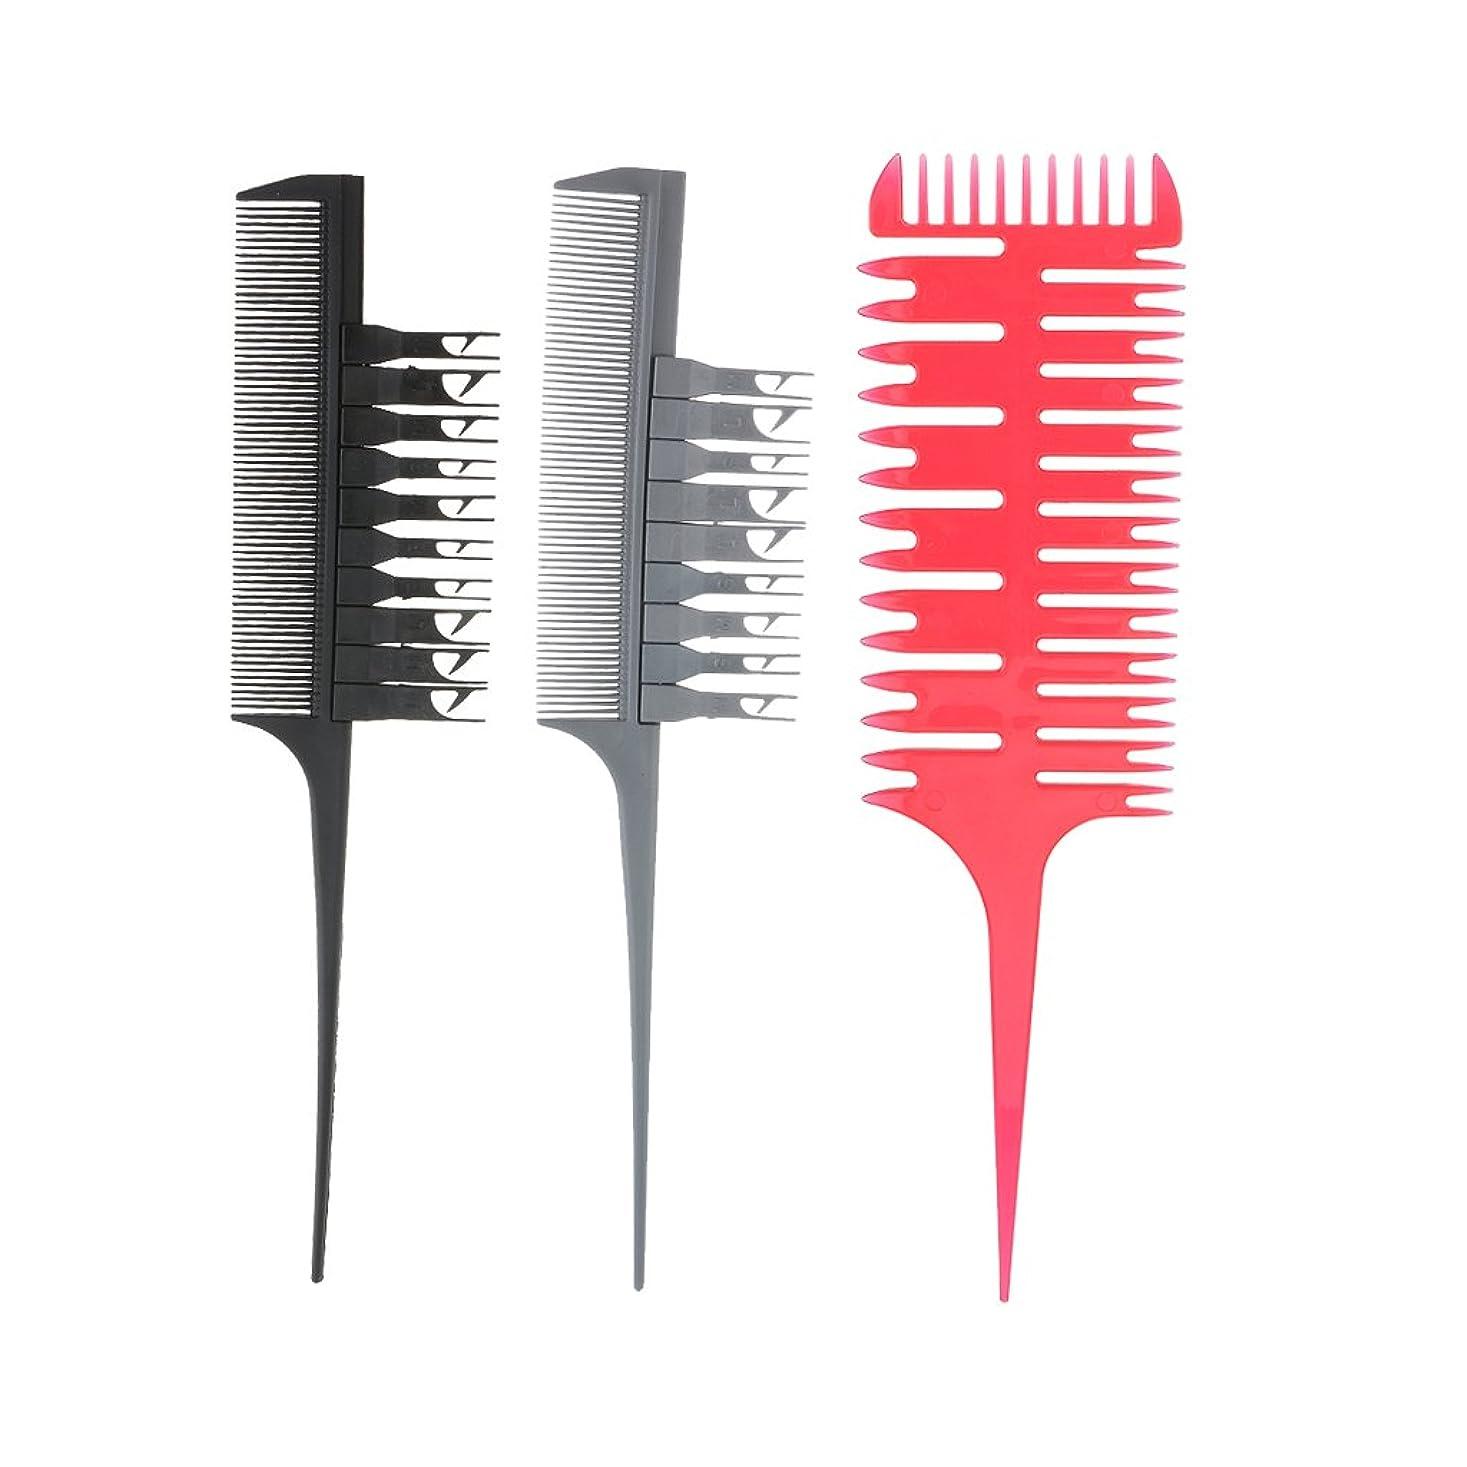 流行デンマーク語上げる3ピースプロフェッショナル理髪セクショニング織りハイライトカラーリングサロン染色バレヤージュヘアコームツールセット付き交換可能ピックアップフック